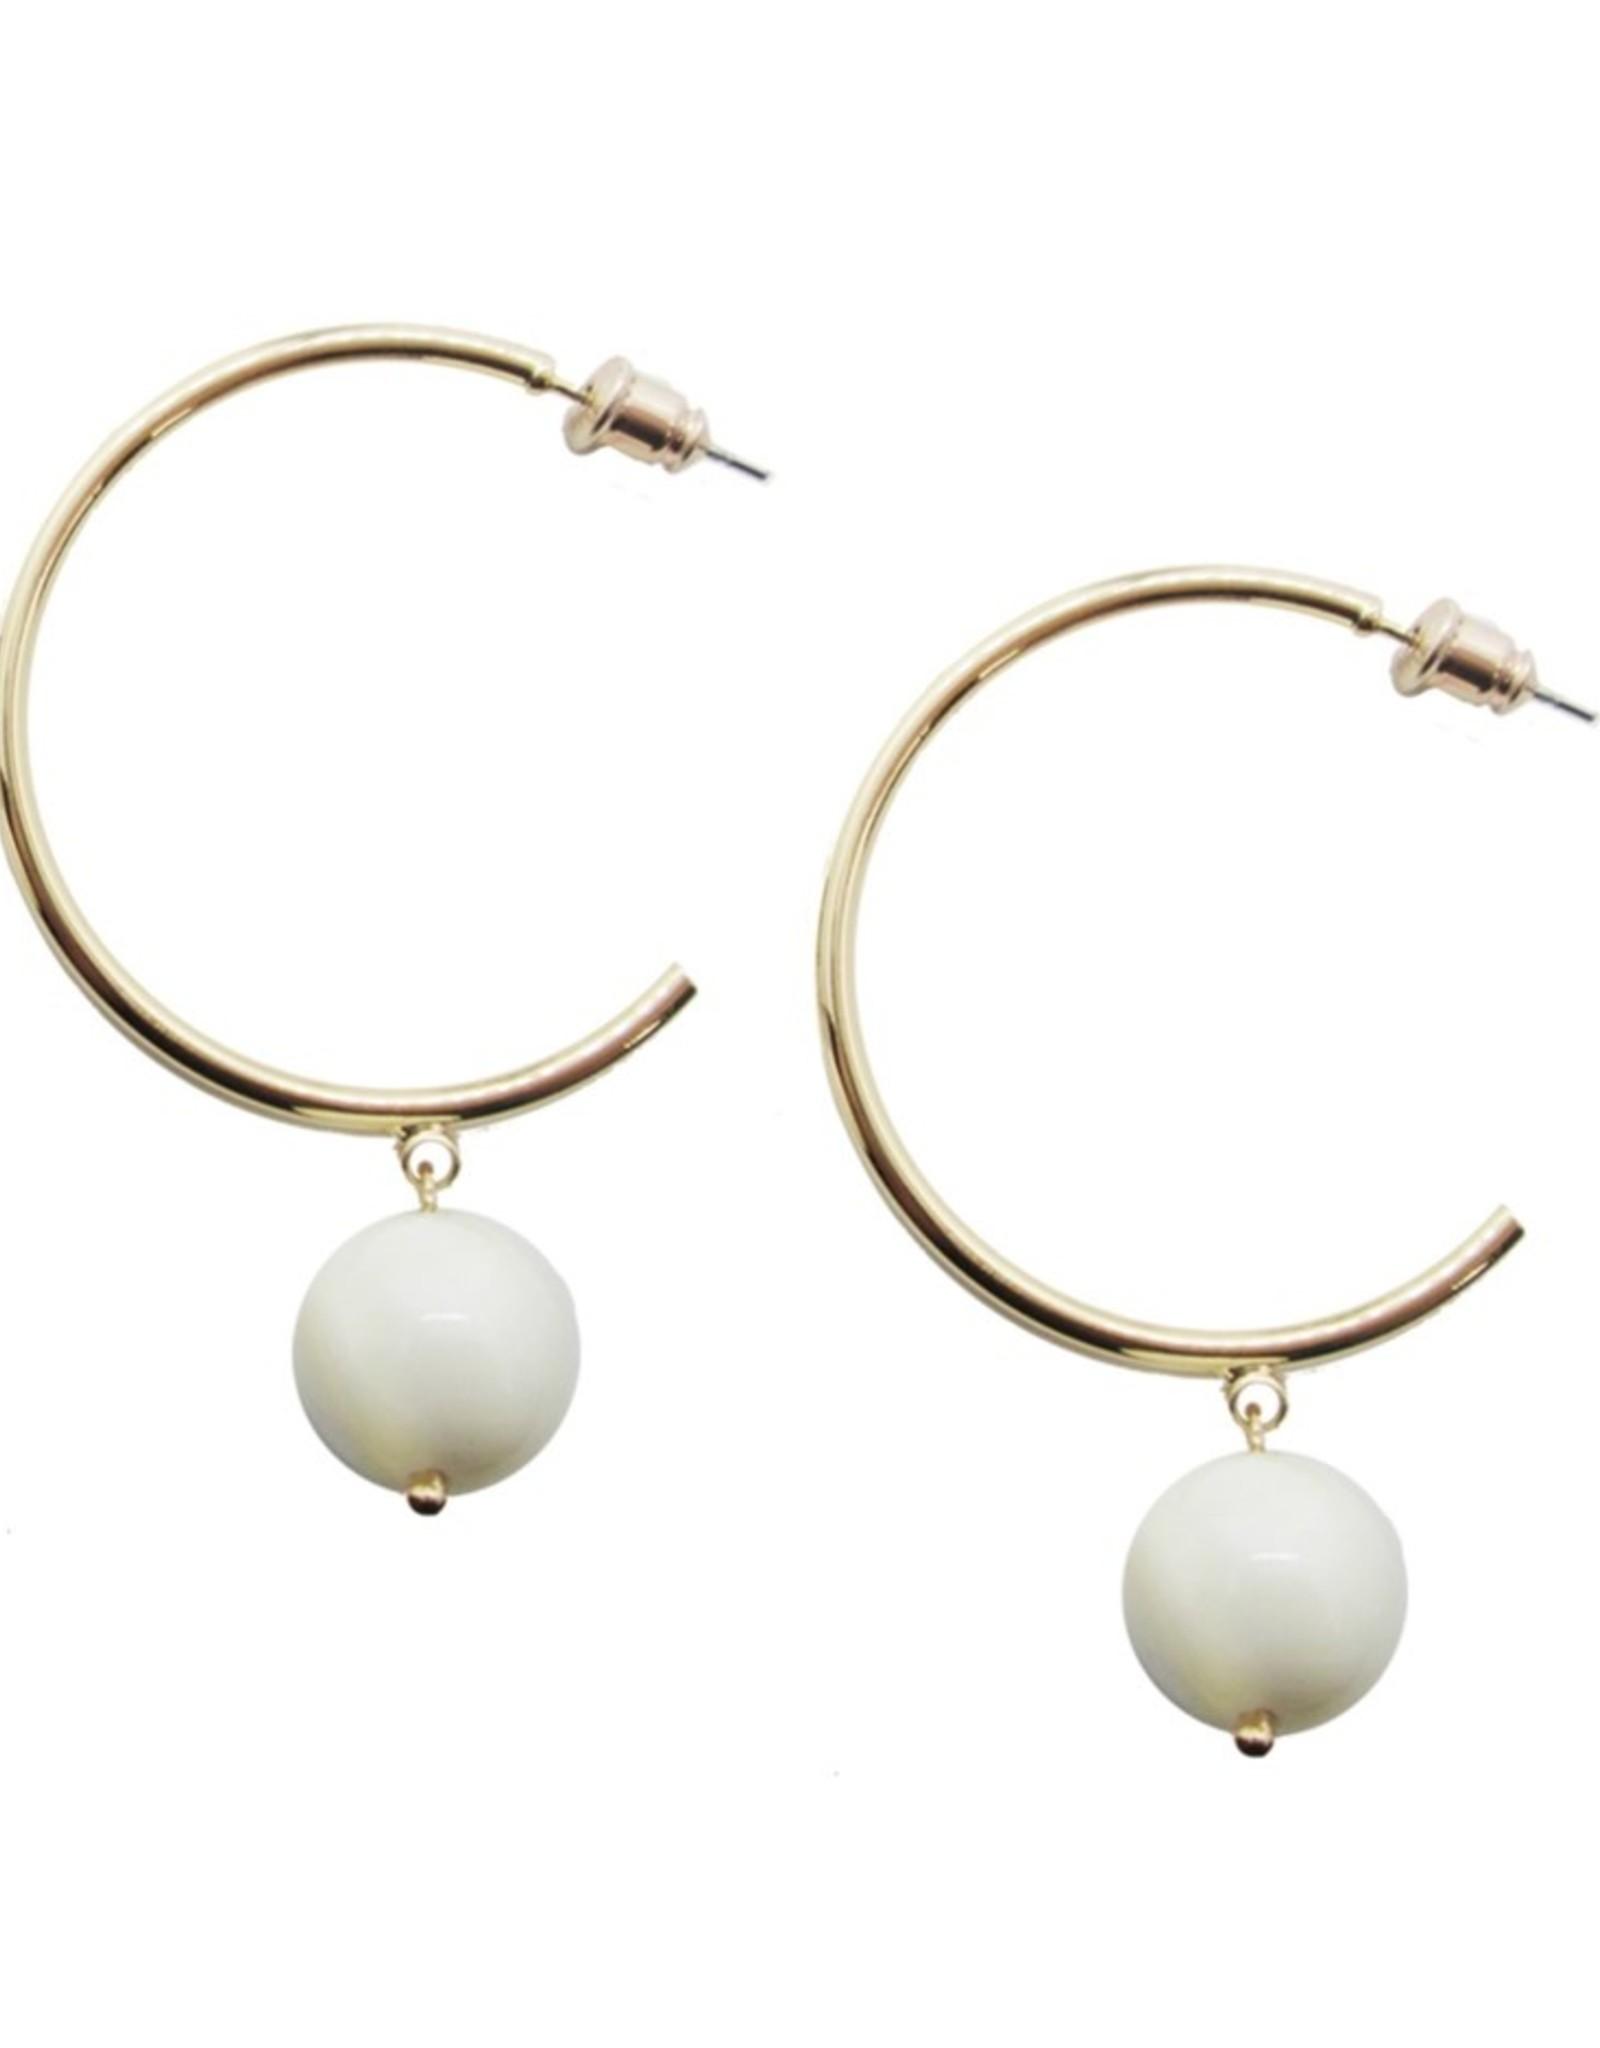 Boucles d'oreilles anneaux blanc et or